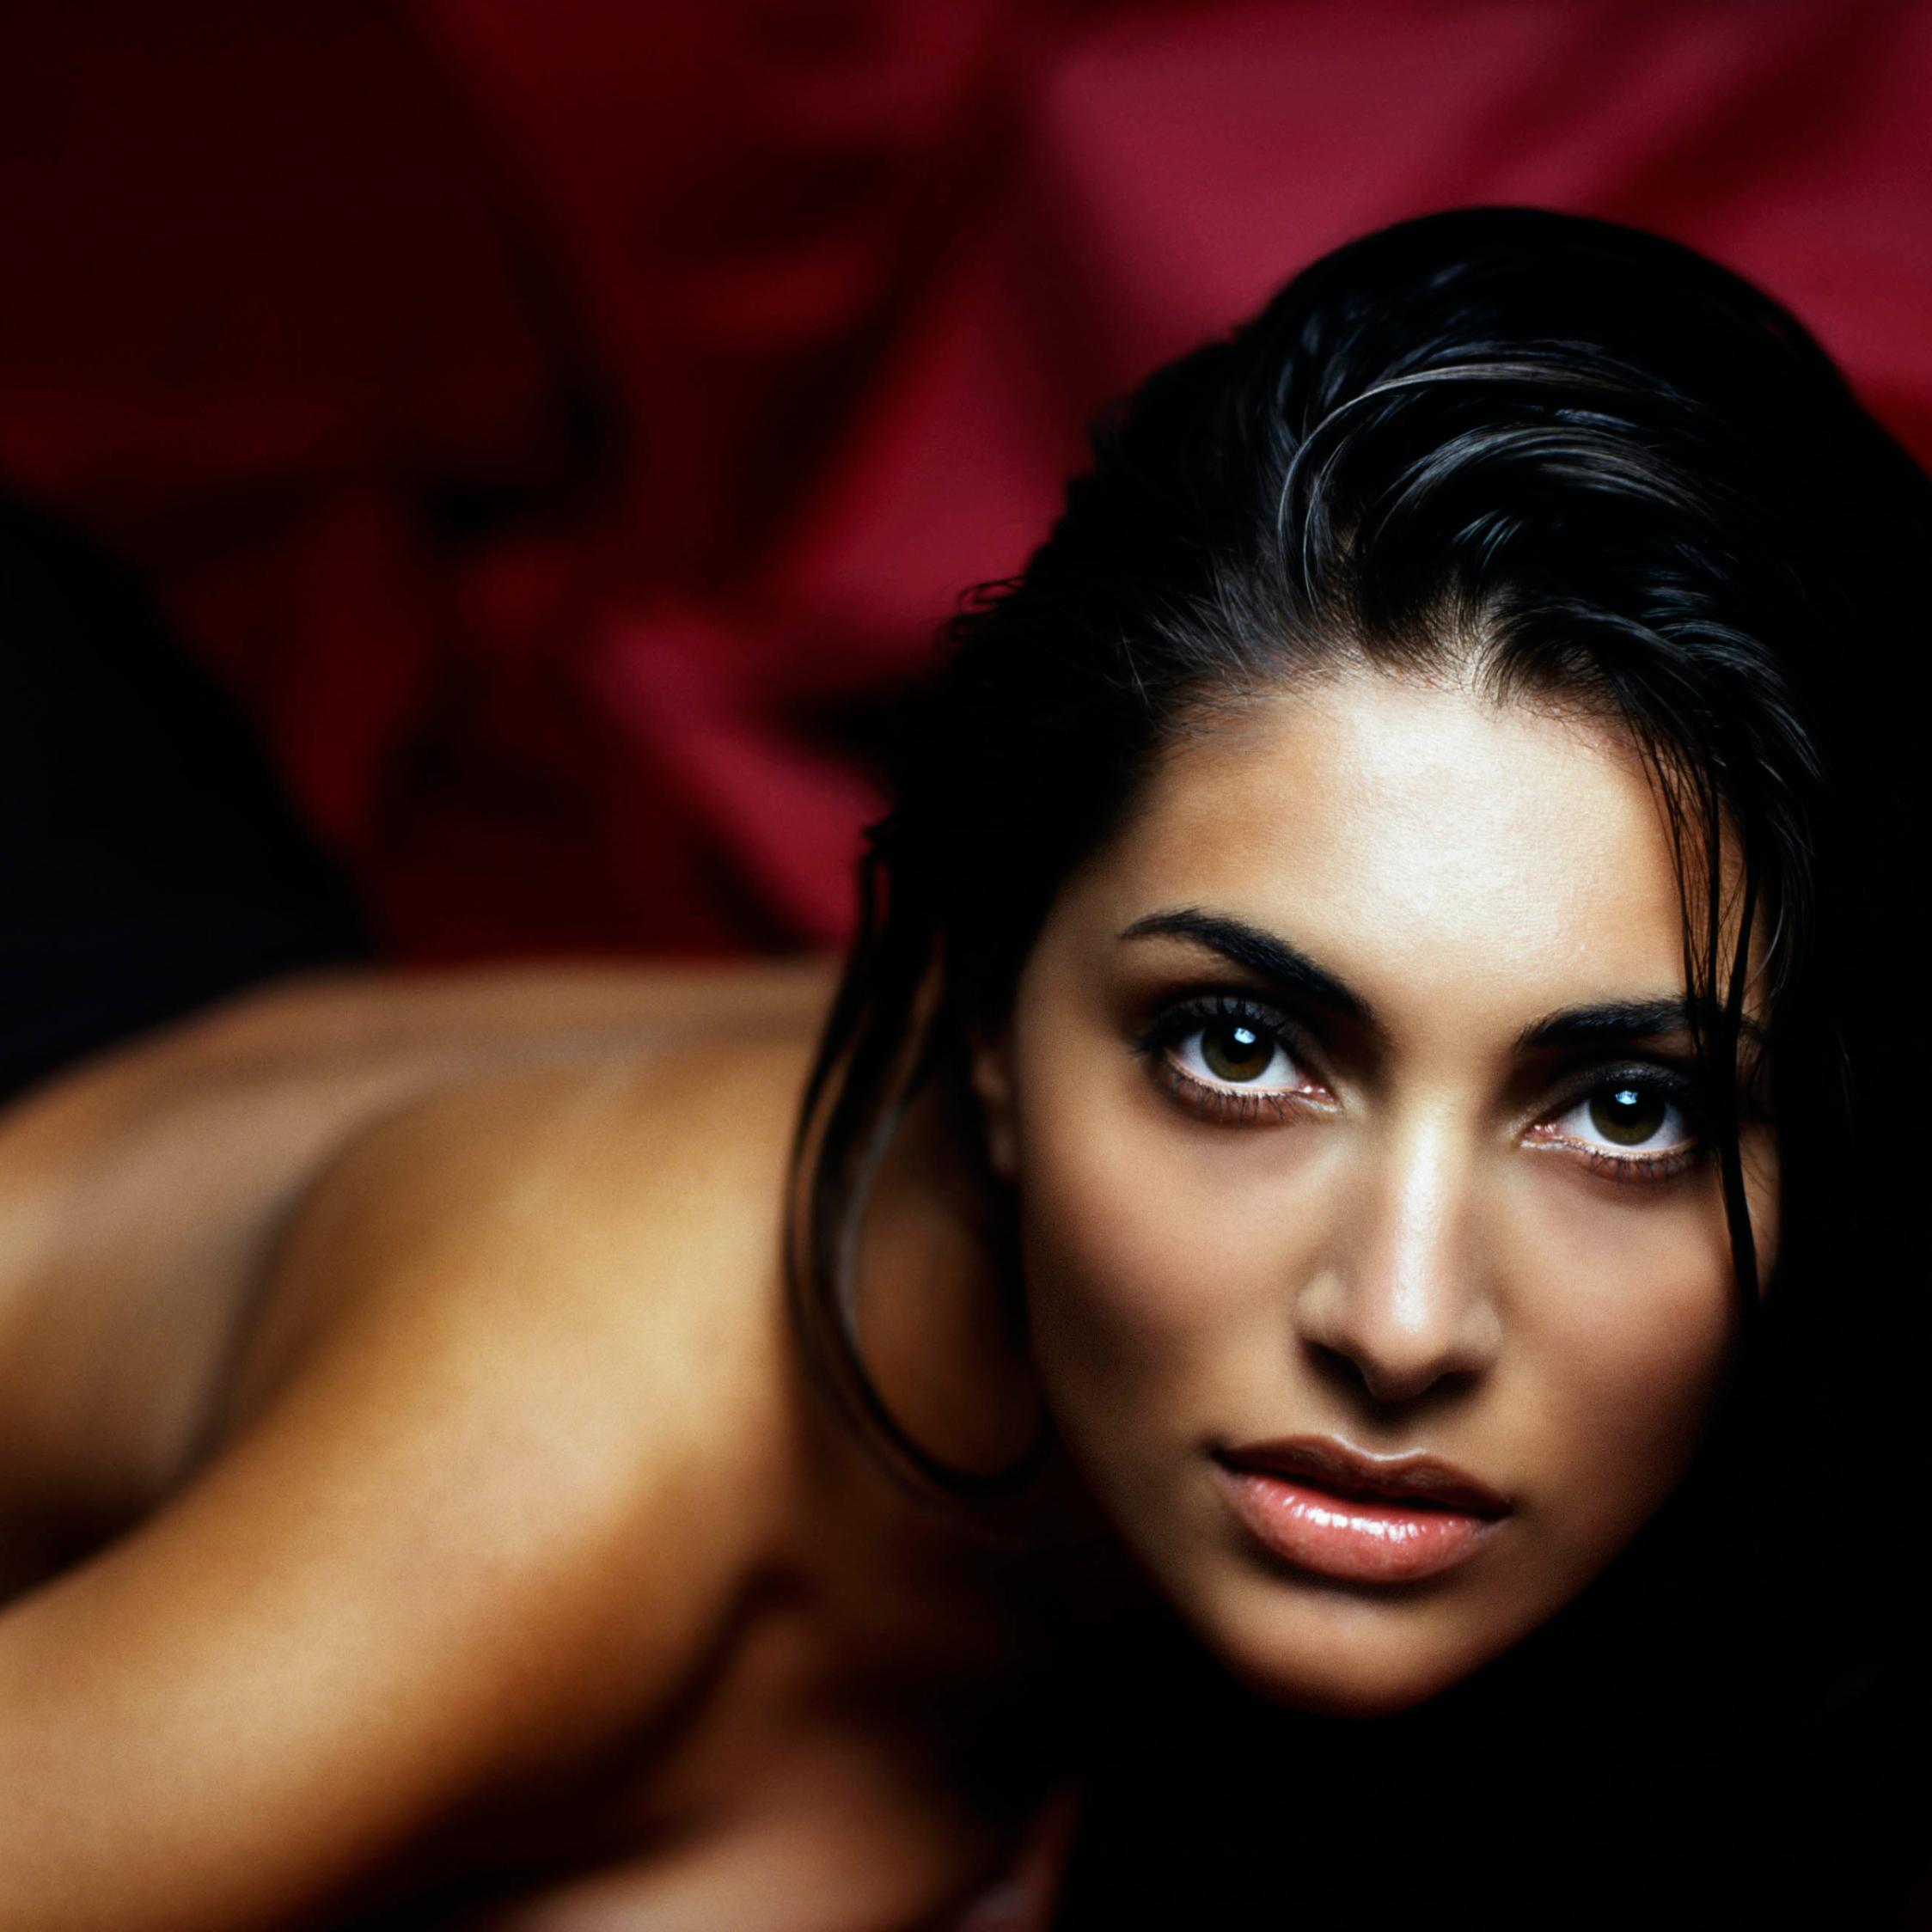 Caterina Murino Hot Photoshoot, HD 4K Wallpaper